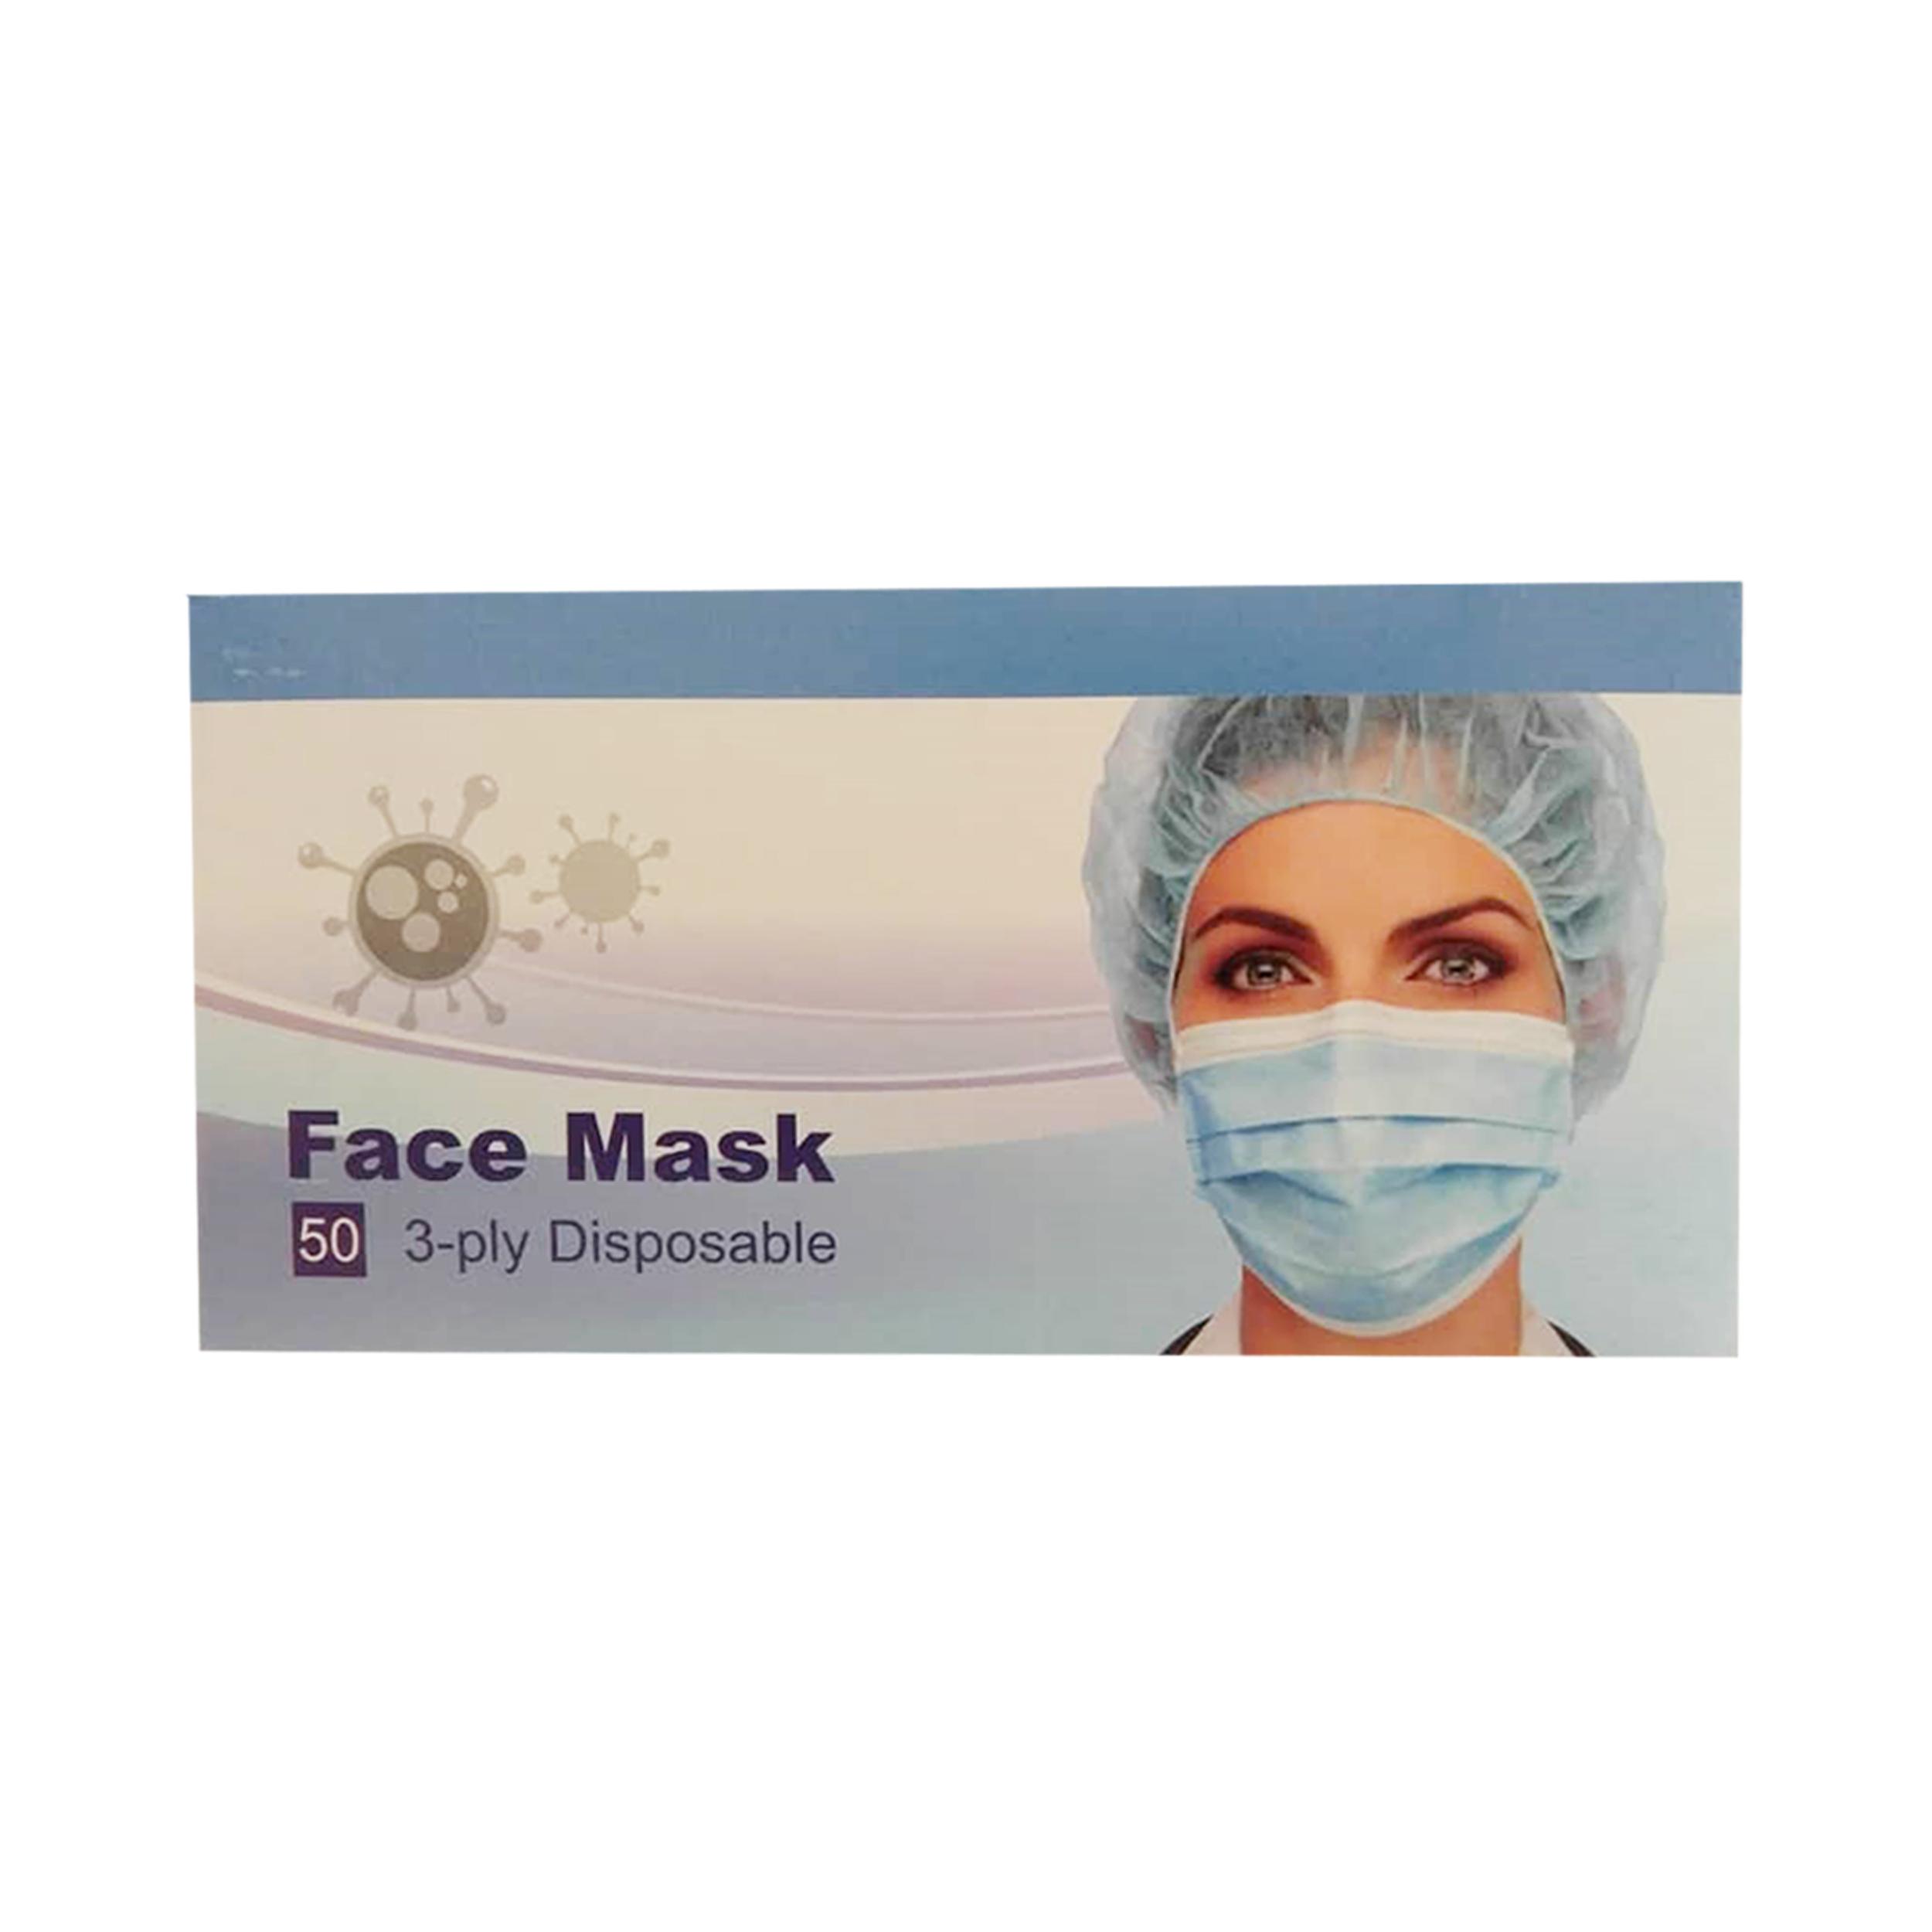 ماسک تنفسی مدل M04 بسته 50 عددی